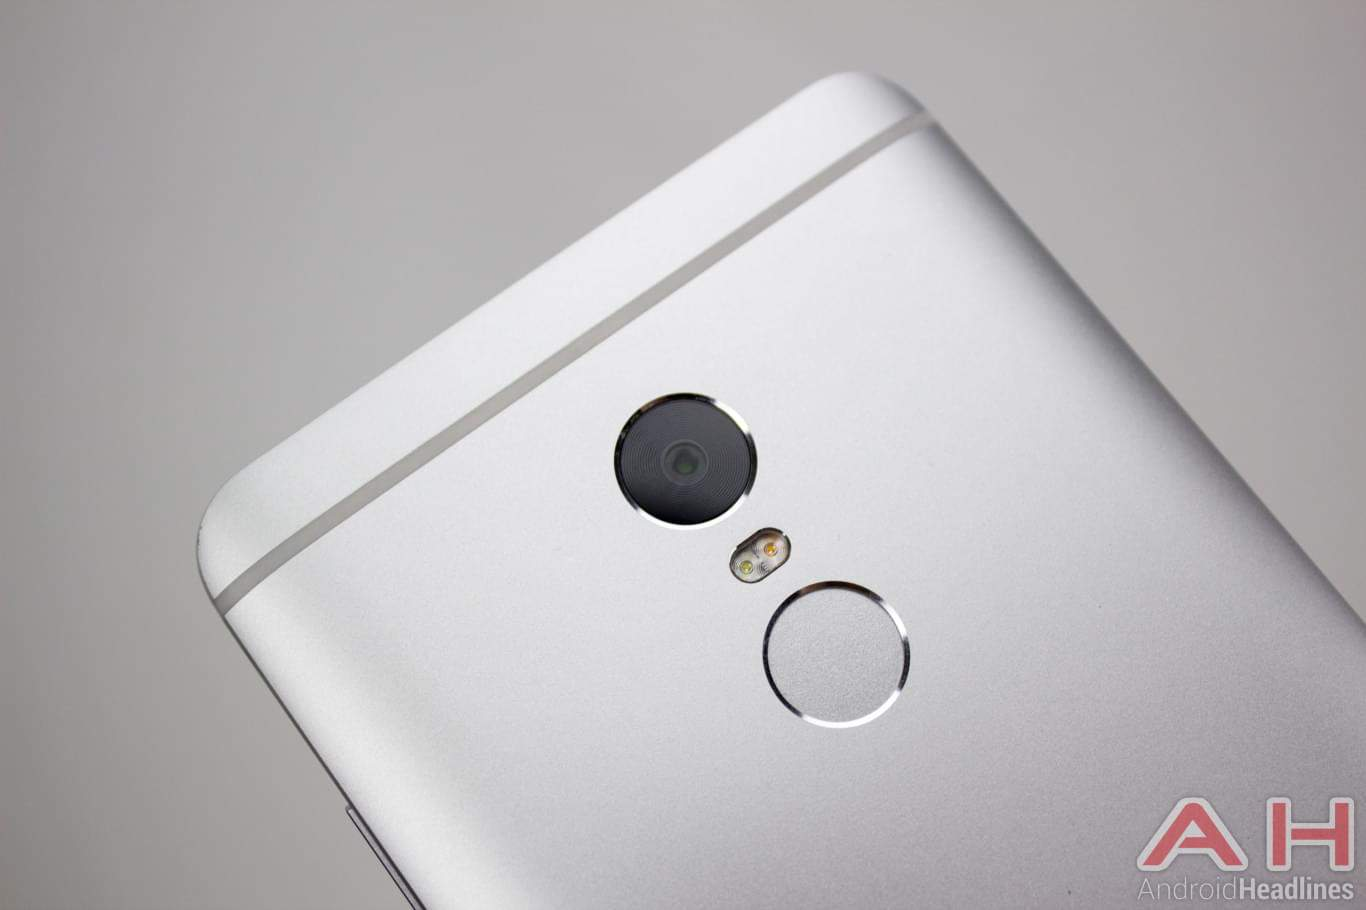 xiaomi-redmi-note-4-ah-ns-camera